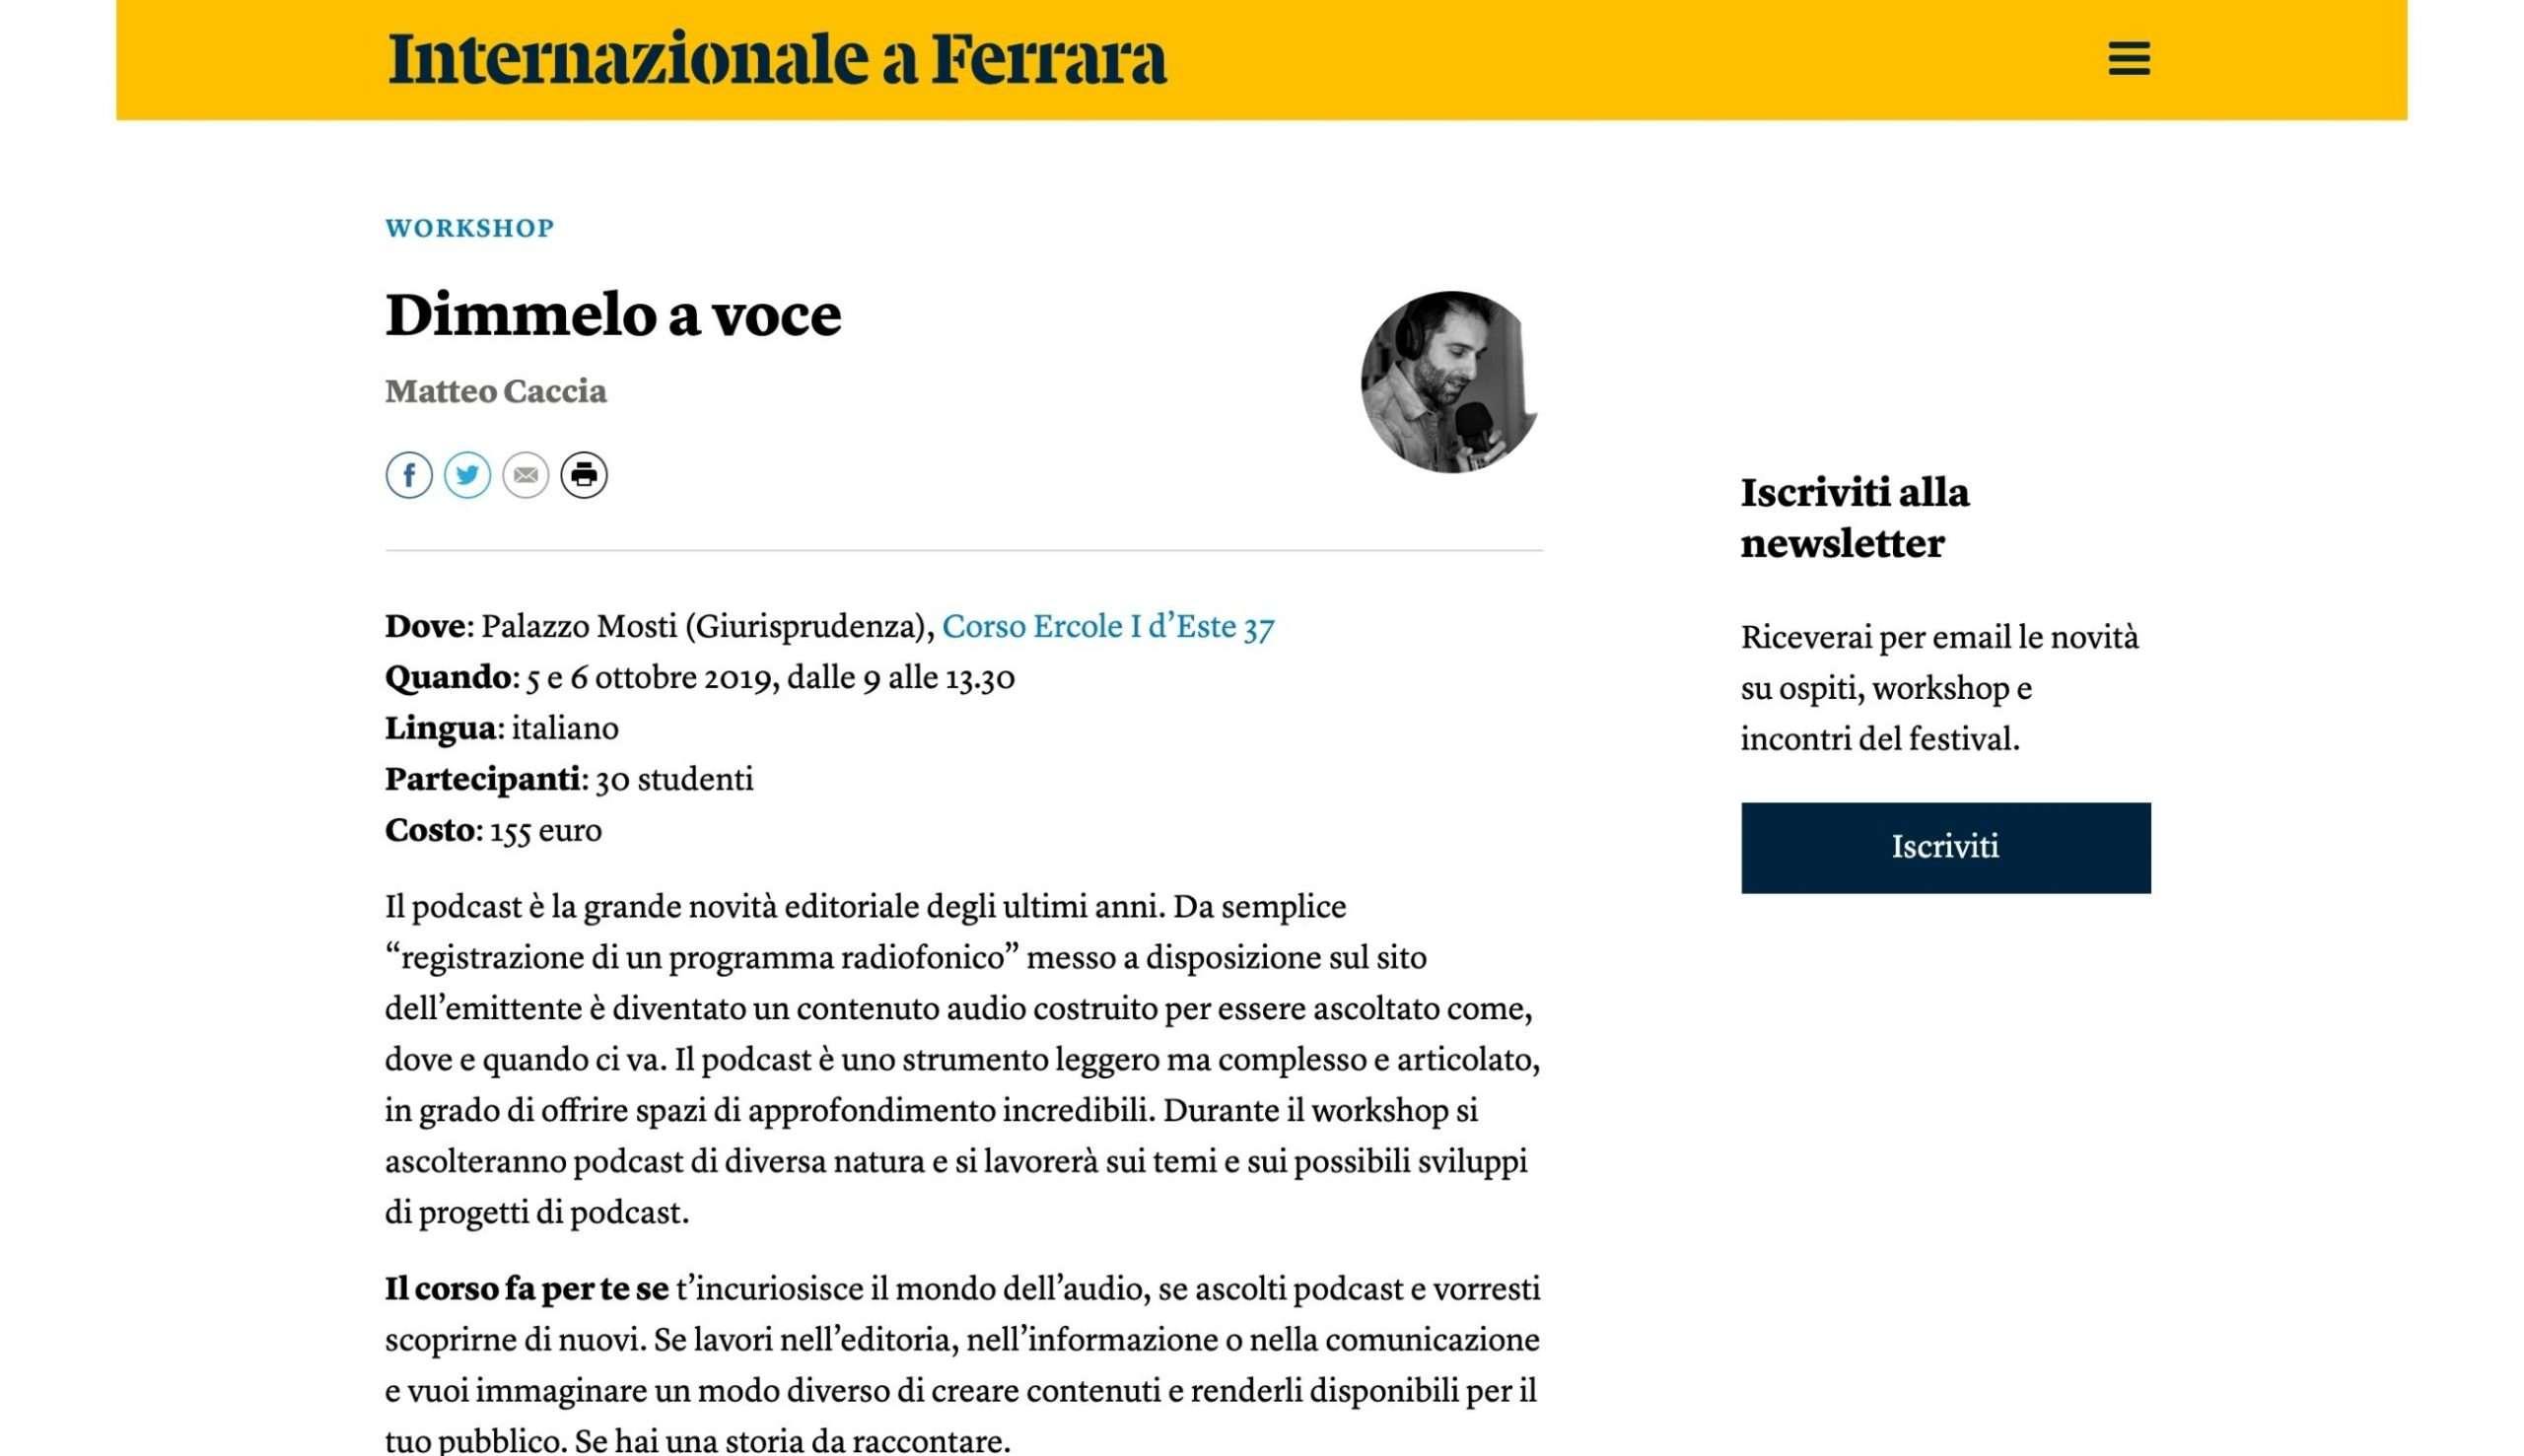 Internazionale a Ferrara - Dimmelo a voce - Matteo Caccia